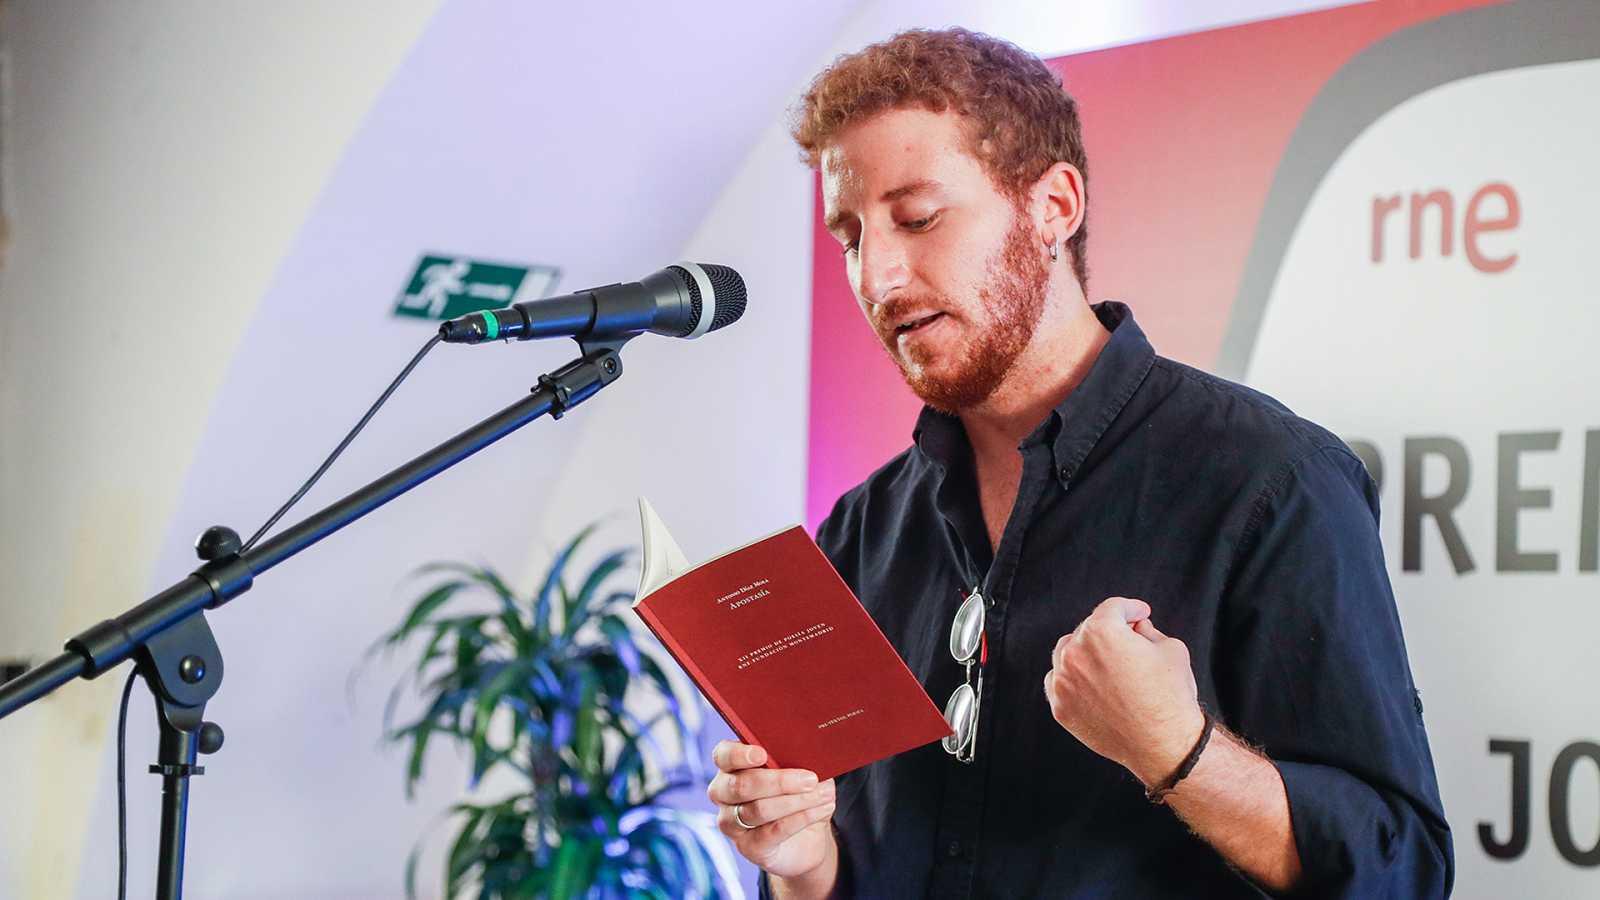 Especiales RNE - Antonio Díaz Mola recoge el XII Premio de Poesía Joven RNE y Fundación Montemadrid - Ver ahora